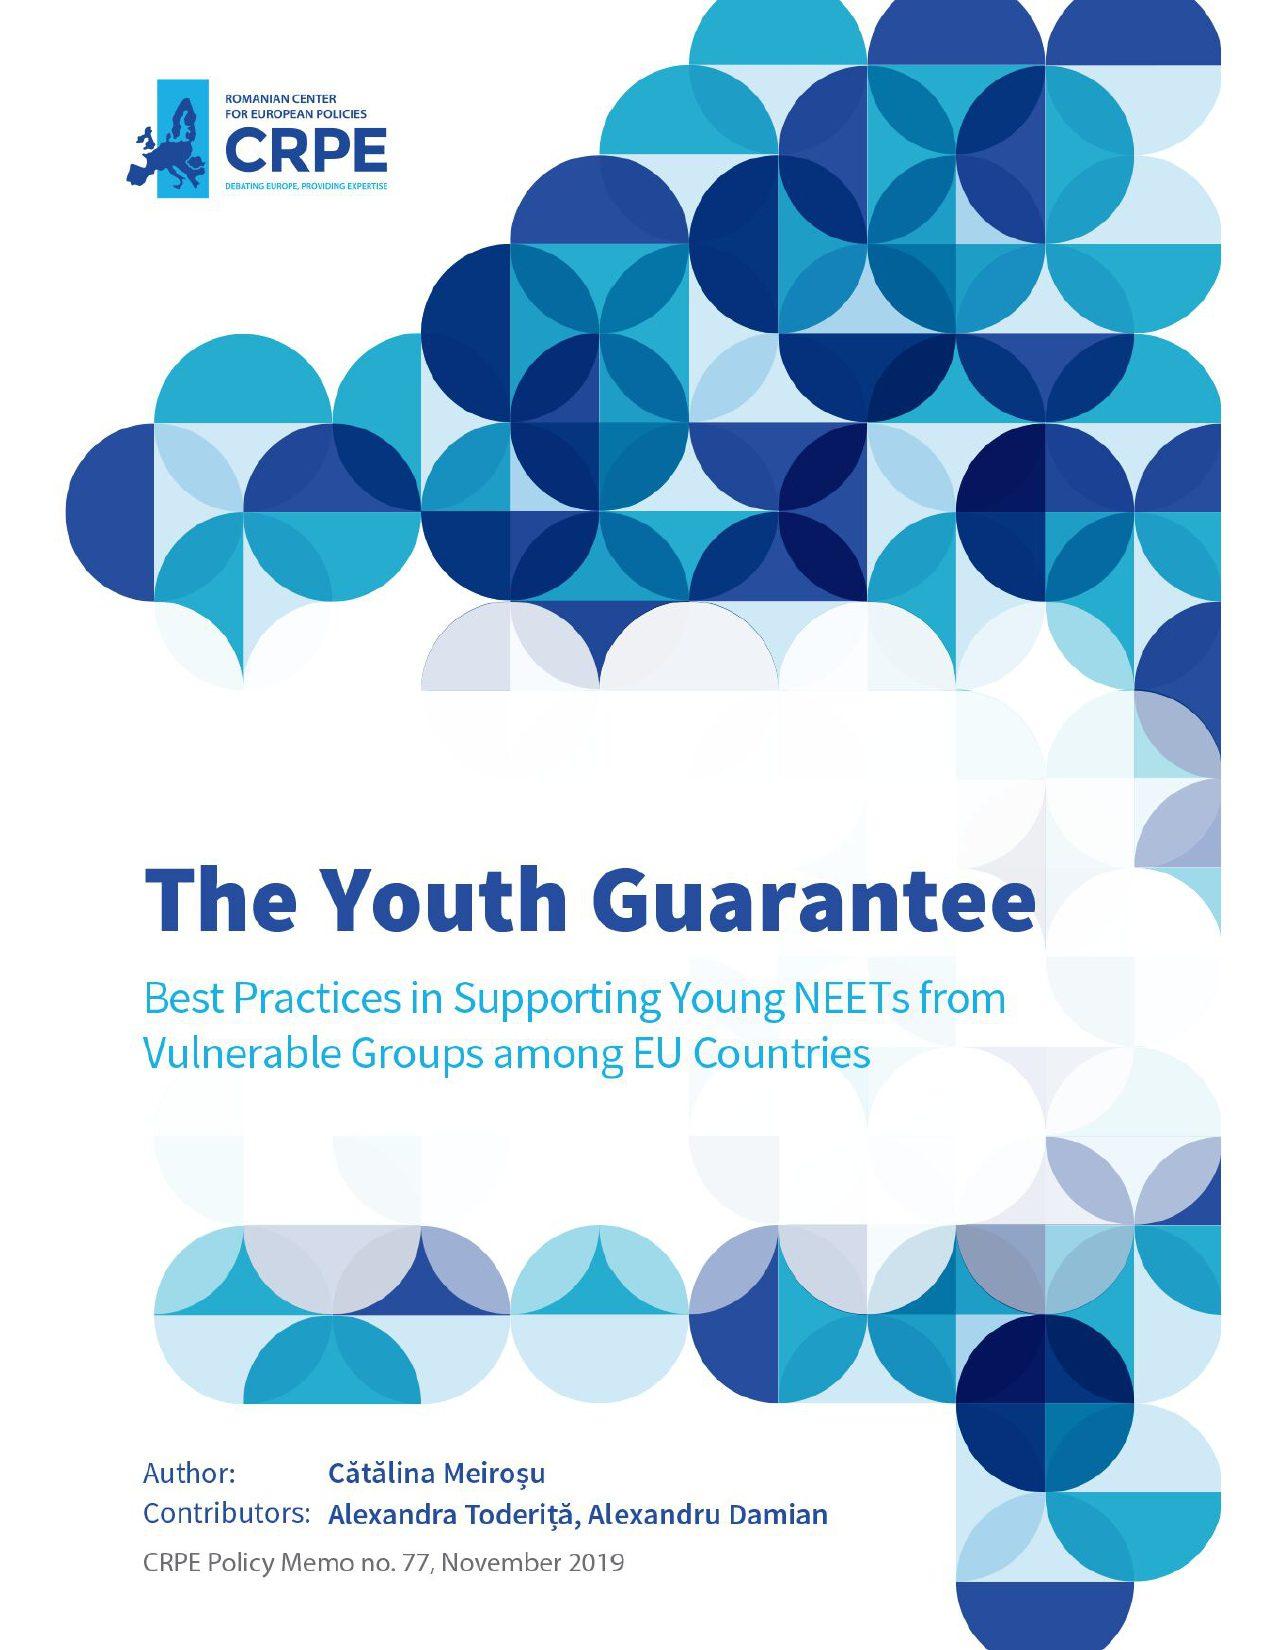 Garanția pentru Tineret. Modele de bune practici europene în sprijinirea tinerilor NEETs